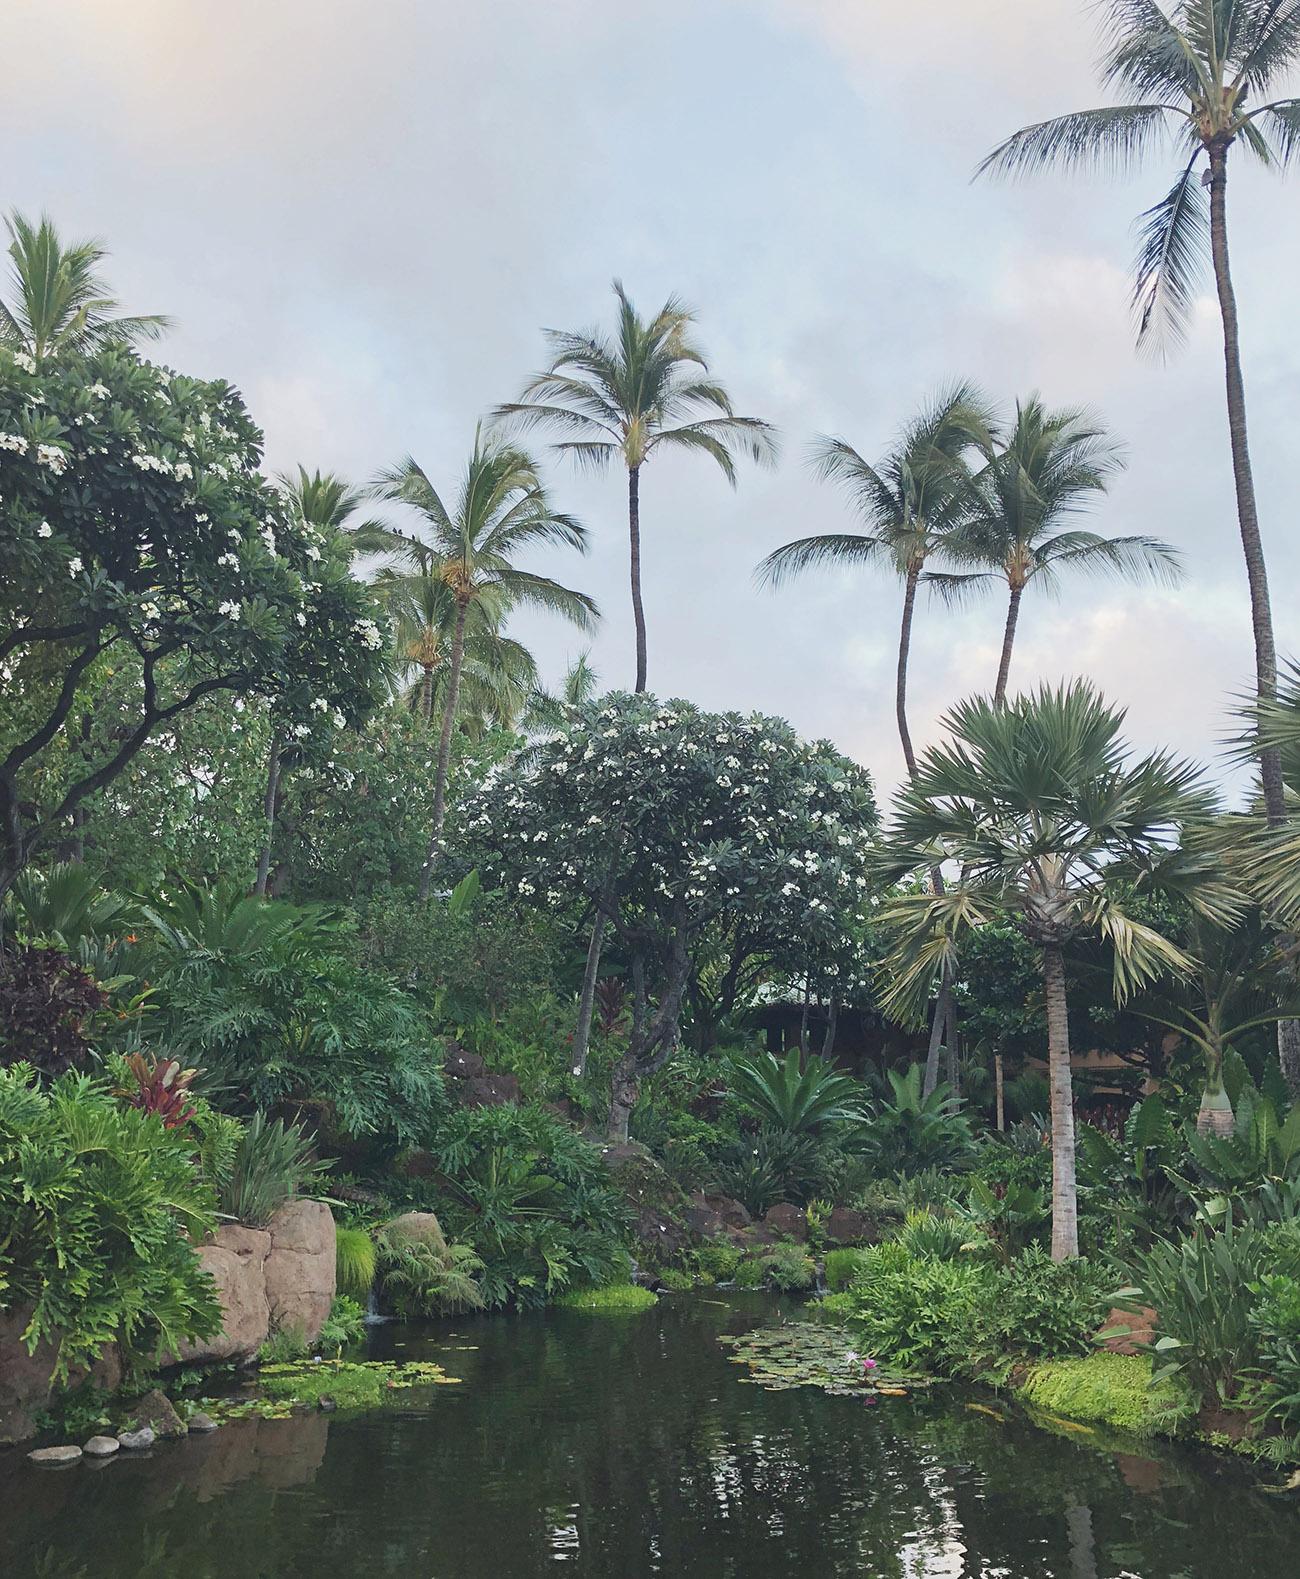 Lanai Four Seasons Resort